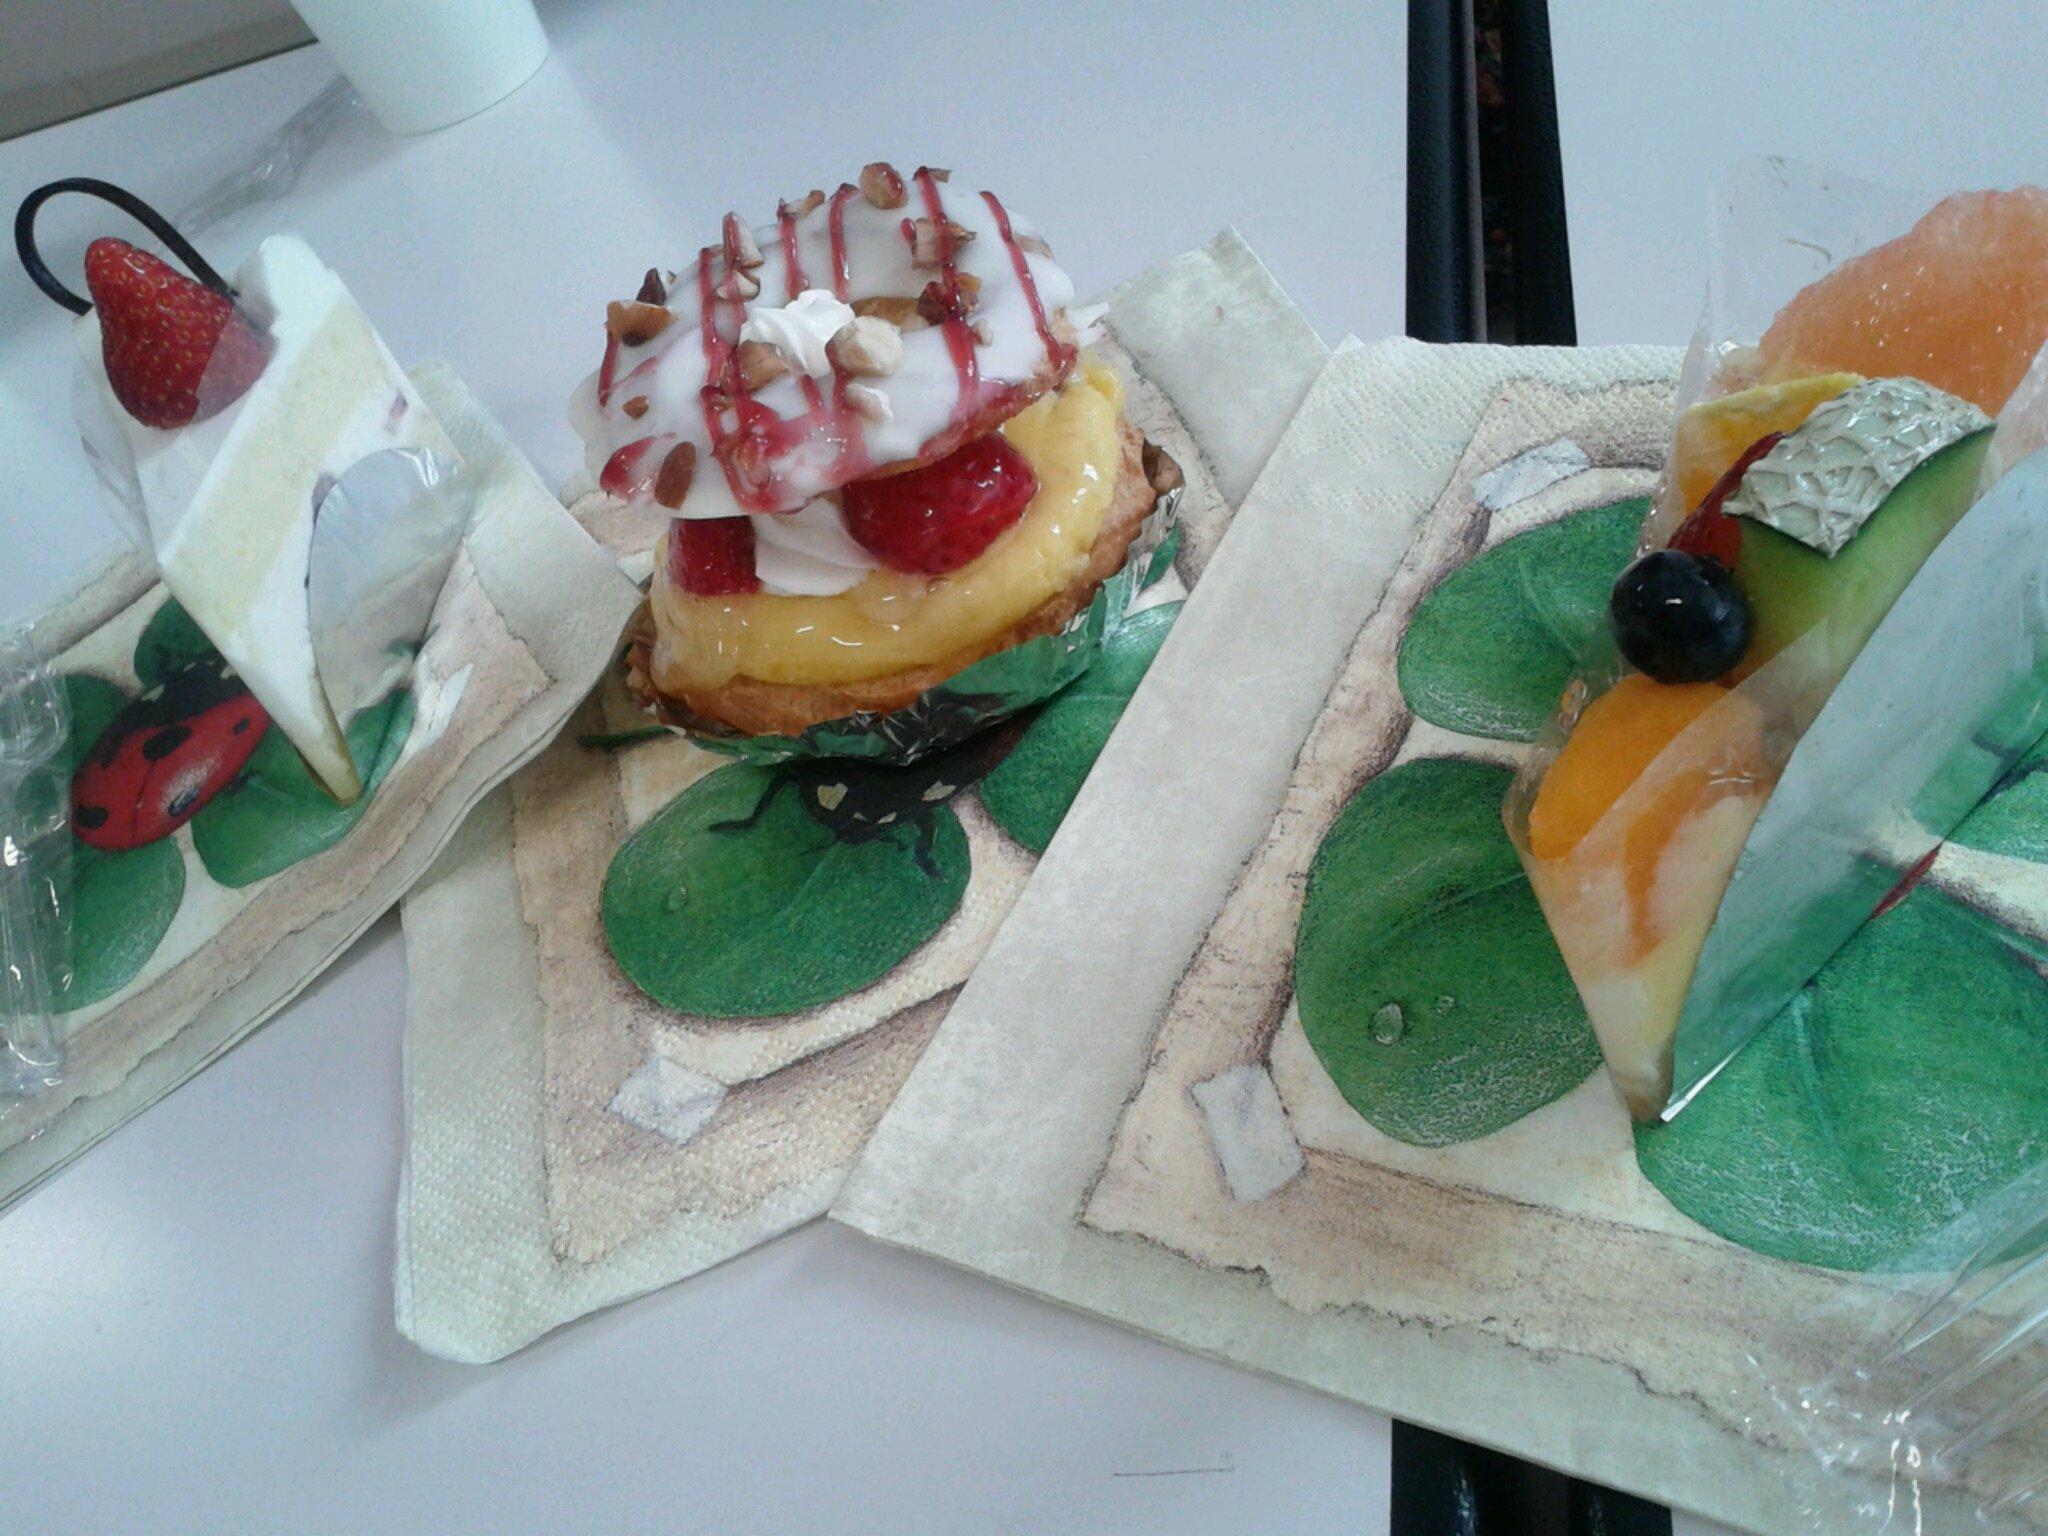 ザ・ダージリンのケーキ3種